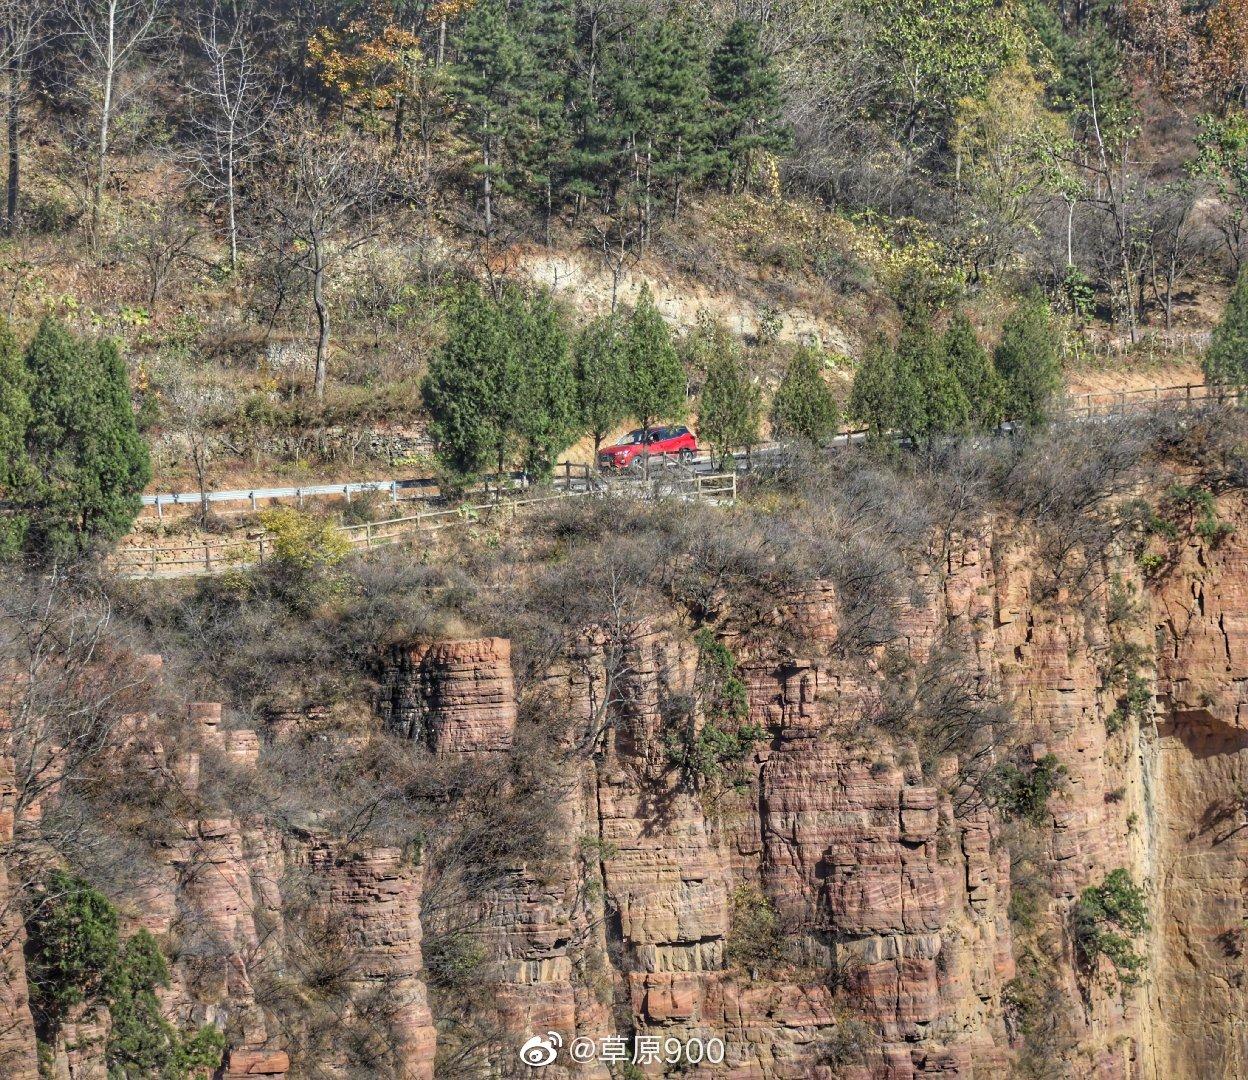 郭亮村以其独特的山势,峰峦叠嶂,山青水秀,洞奇瀑美,潭深溪长